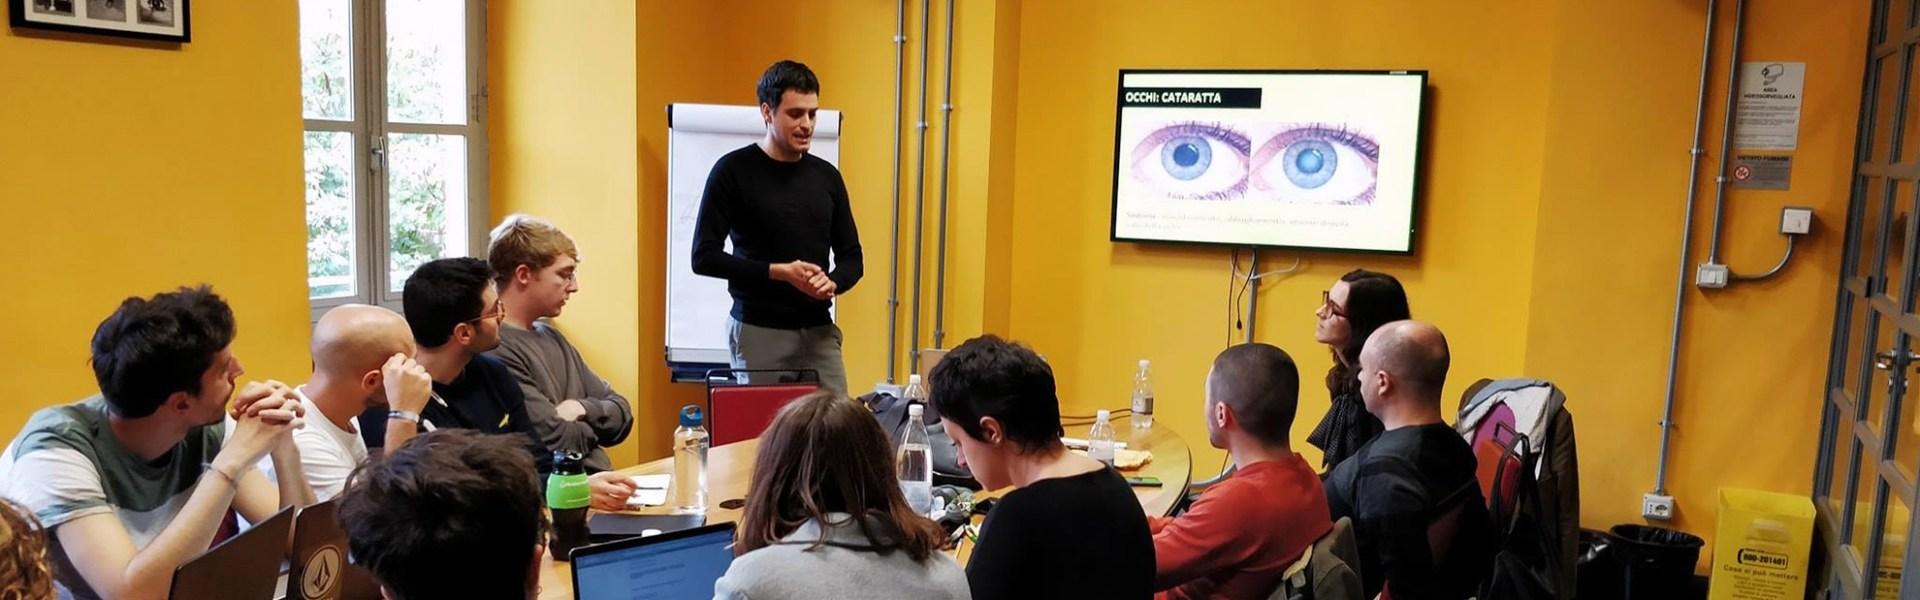 L'immagine mostra l'incontro di NoysyVision e vEyes con gli studenti della Scuola Holden per illustrare i sintomi e le caratteristiche della Sindrome di Usher